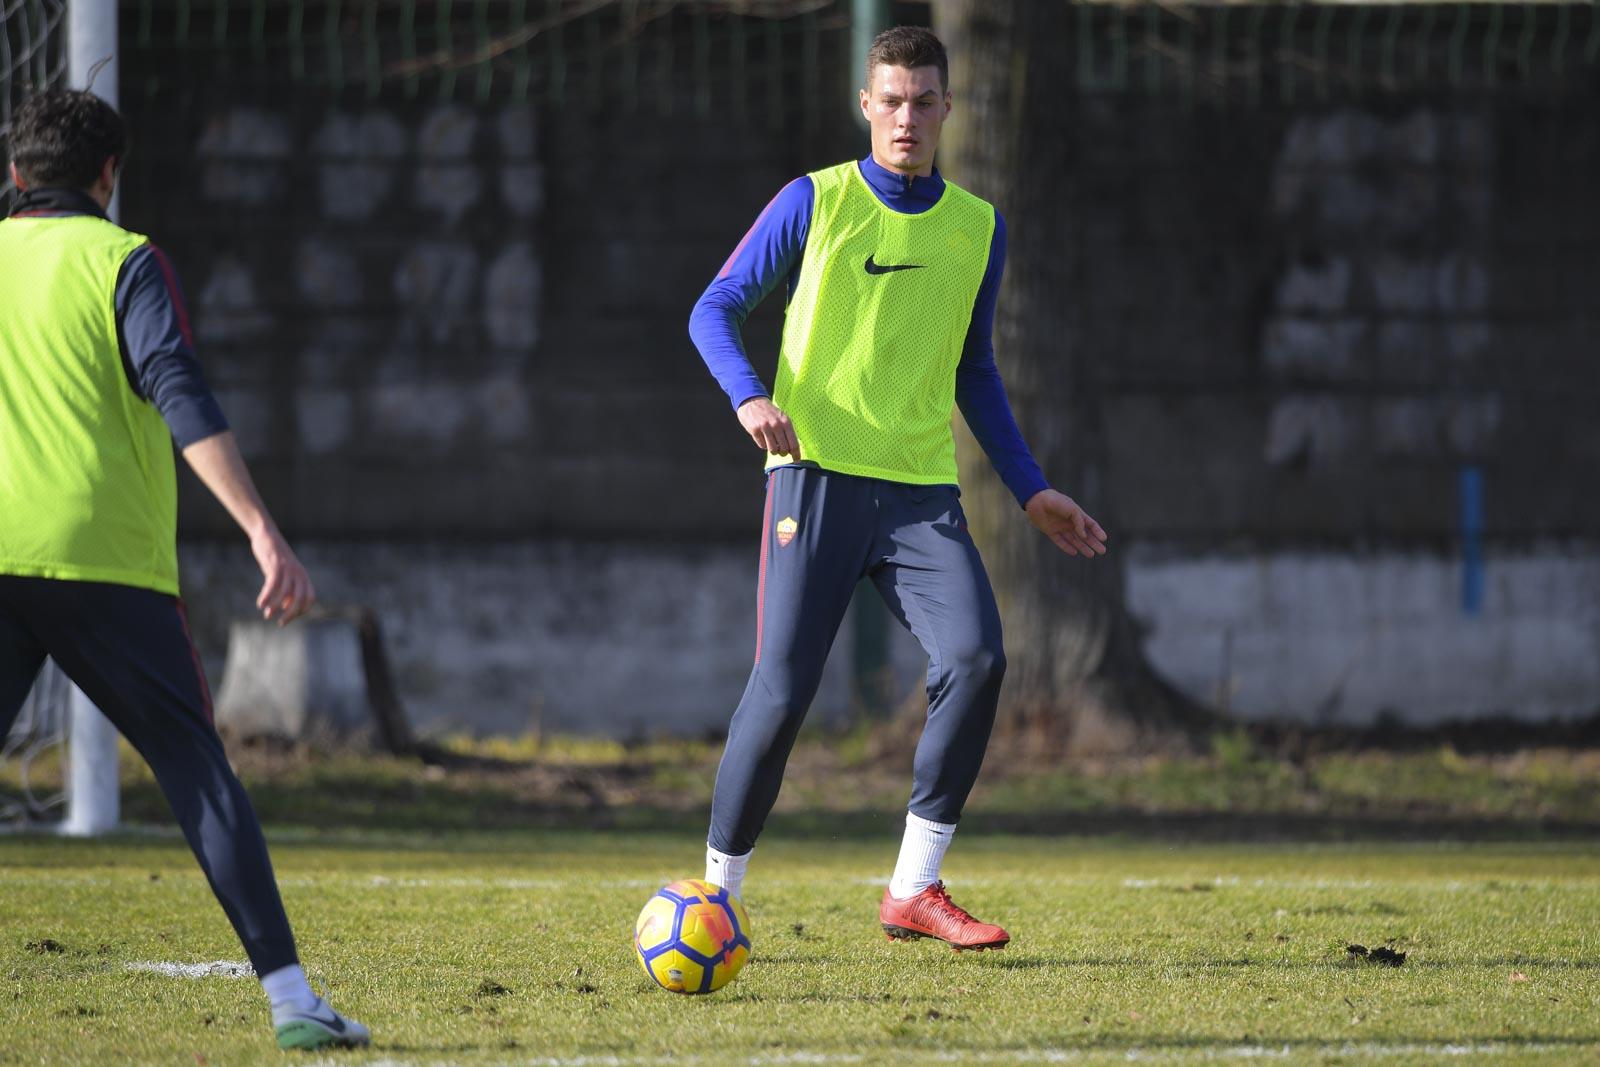 Hòa tức tưởi Inter, Roma 'ăn vạ', ở lỳ không chịu về - Bóng Đá